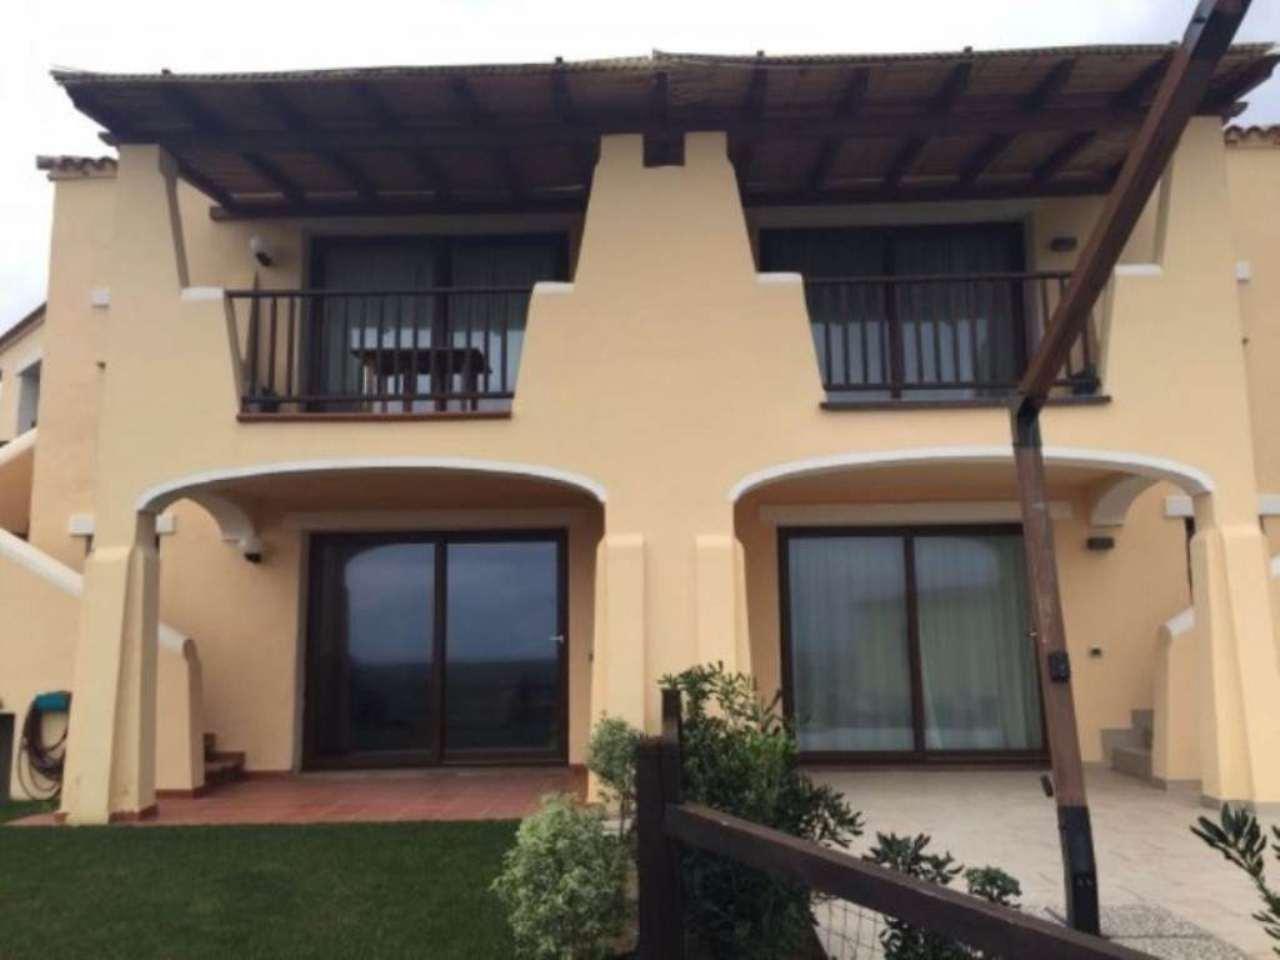 Villa in vendita a Stintino, 6 locali, Trattative riservate | Cambio Casa.it